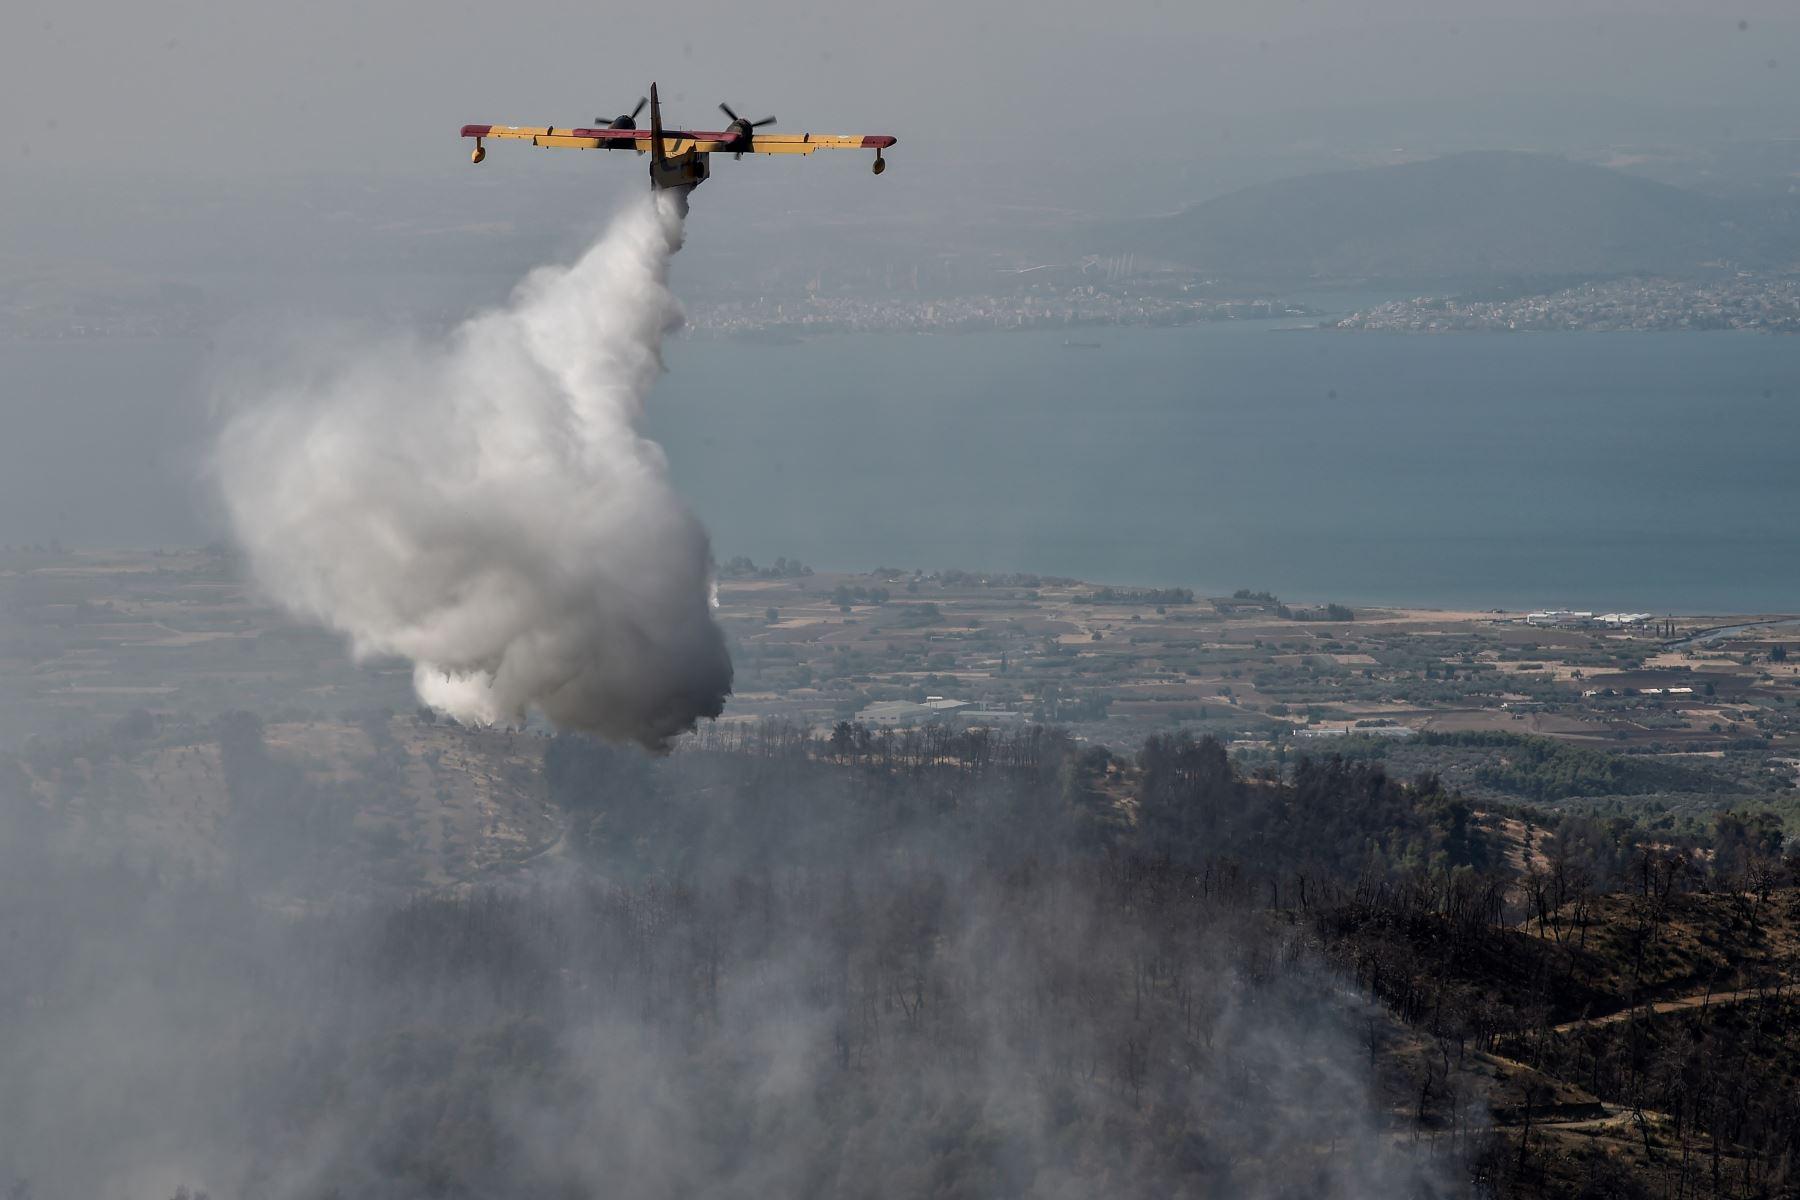 Un avión arroja agua sobre un incendio forestal cerca del pueblo de Stavros, en la isla griega de Evia. Foto: AFP